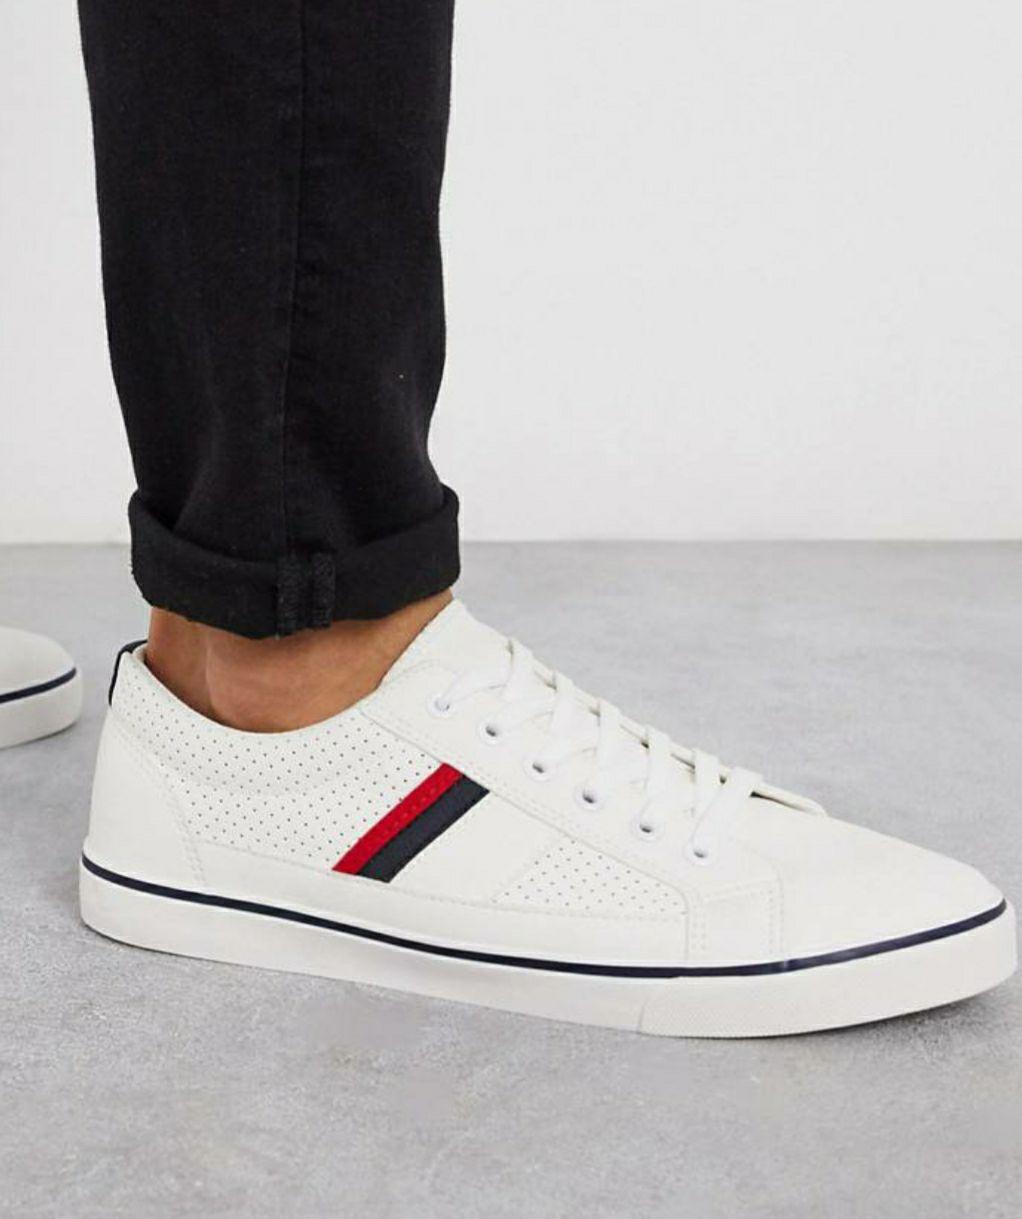 Zapatillas blancas con rayas laterales carreiro de loyalty&faith